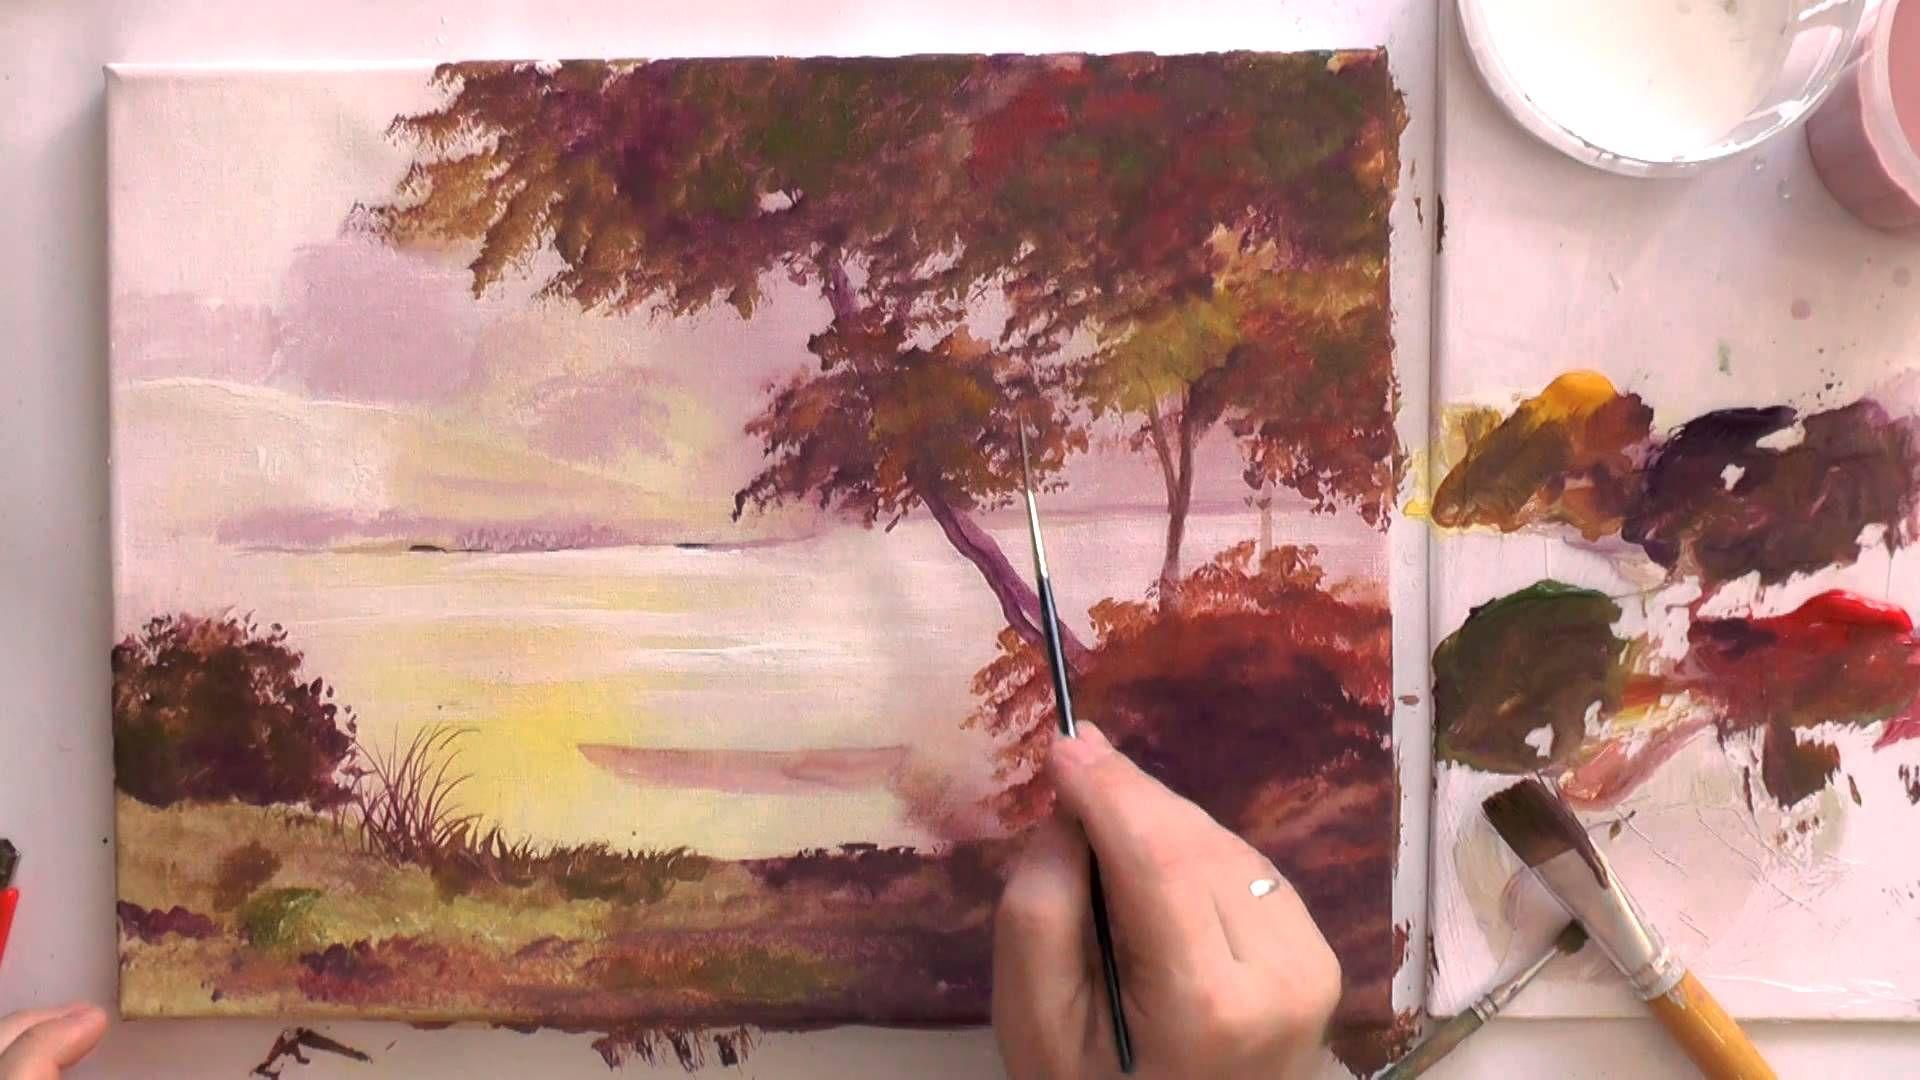 Рисование акрилом: поэтапная техника или уроки рисования абстракции на холсте для начинающих, кисти для этого и что нужно еще